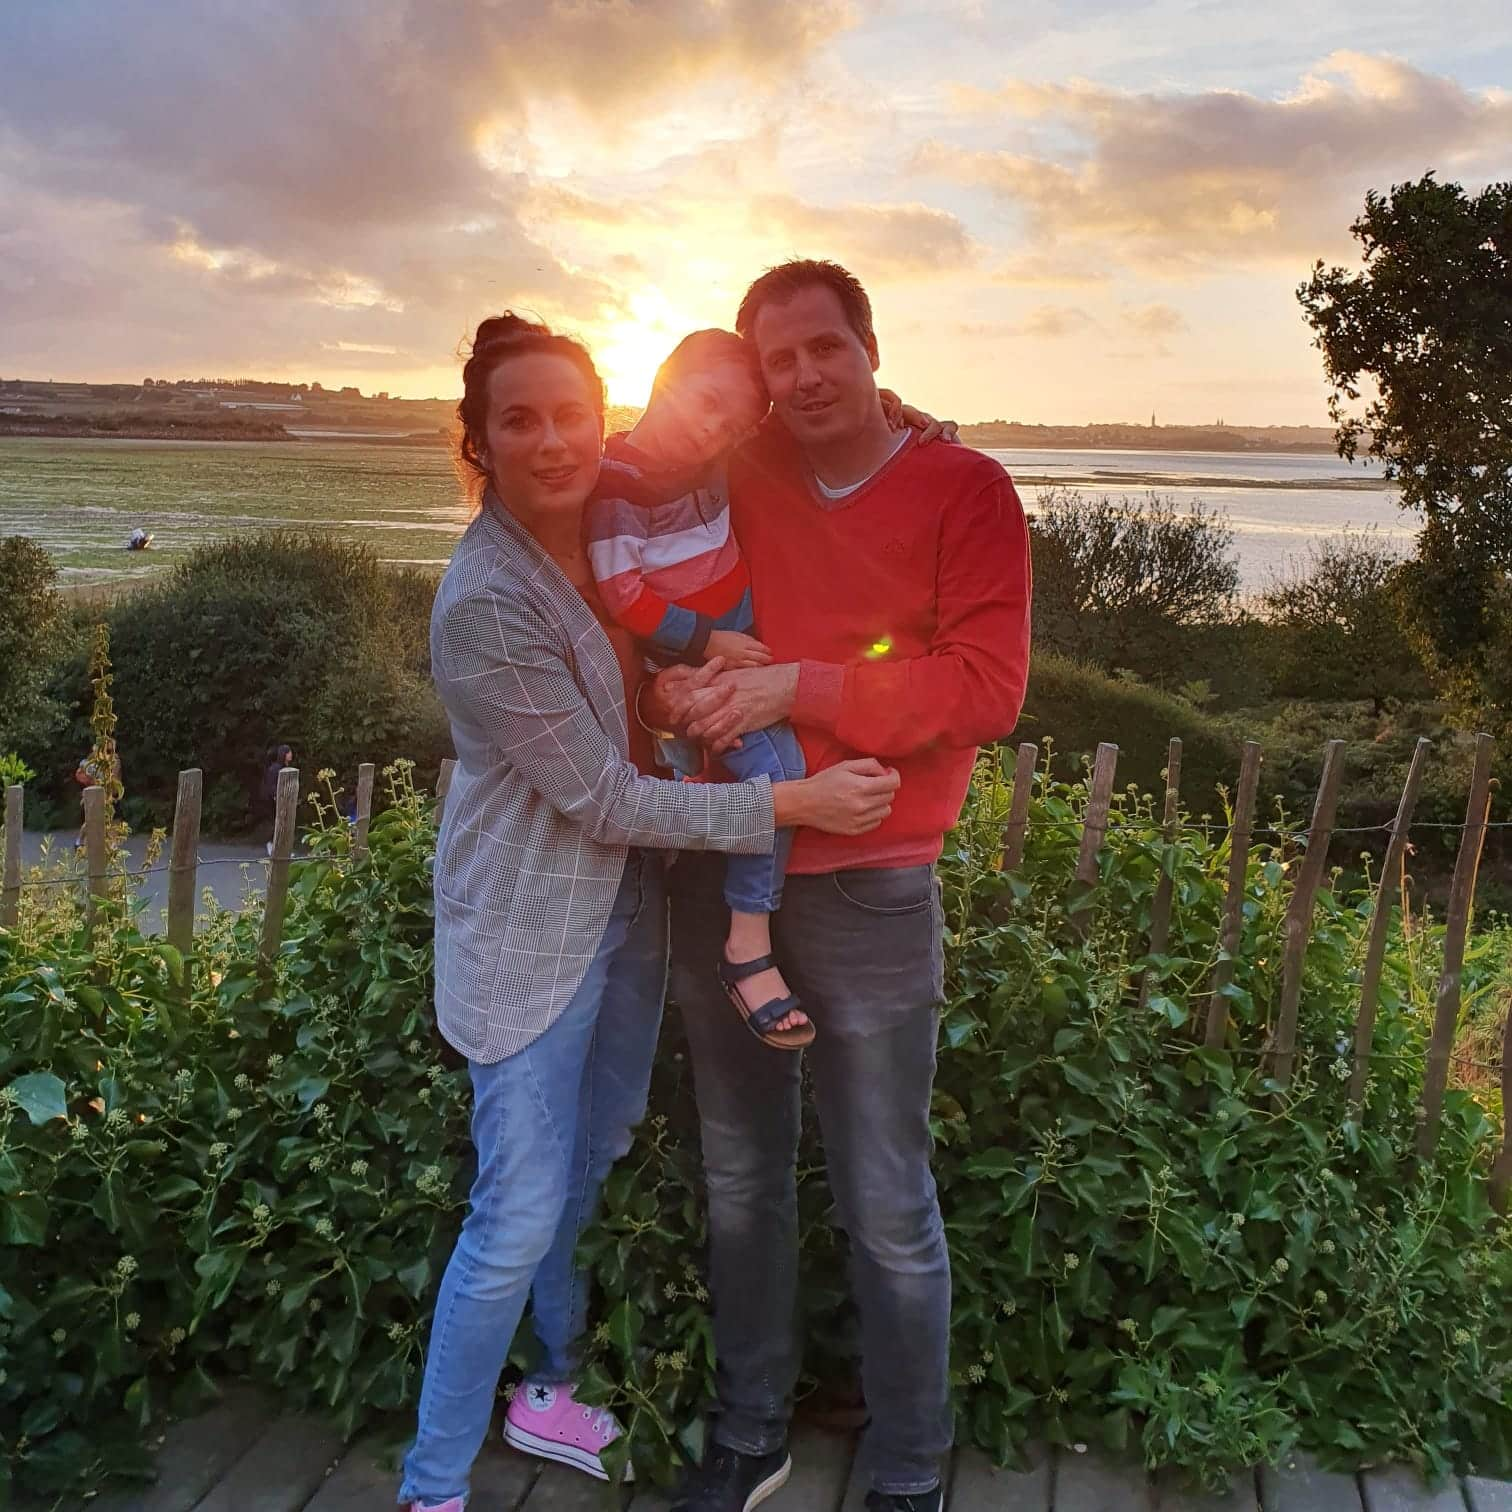 Met mijn gezin in Bretagne, zomer 2020.